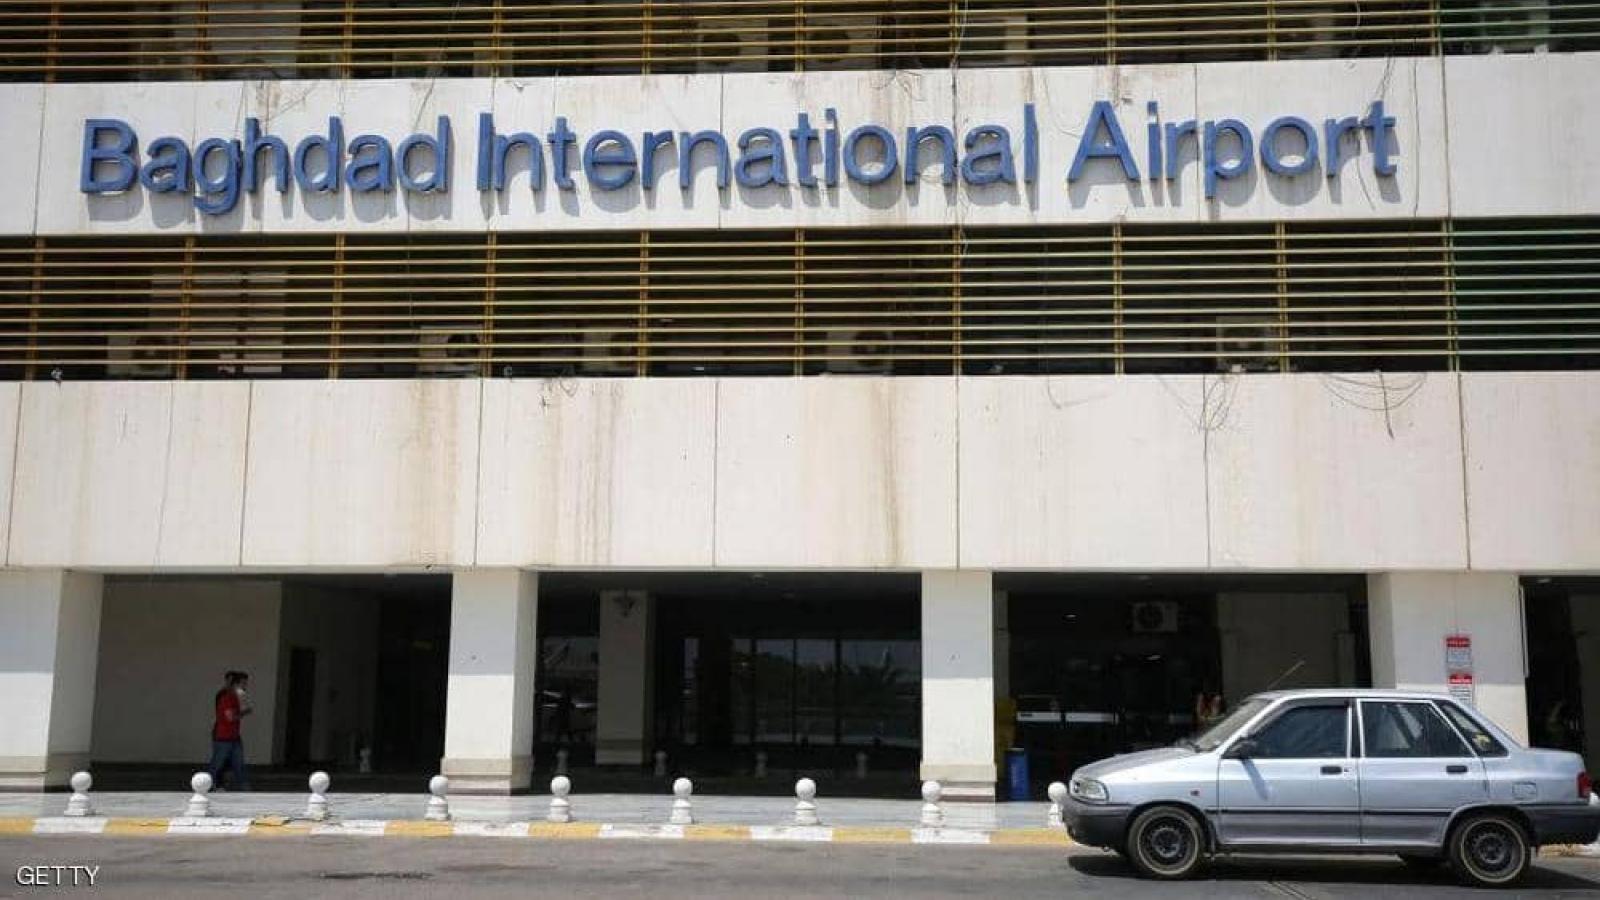 Sân bay quốc tế Baghdad (Iraq) bị tấn công tên lửa